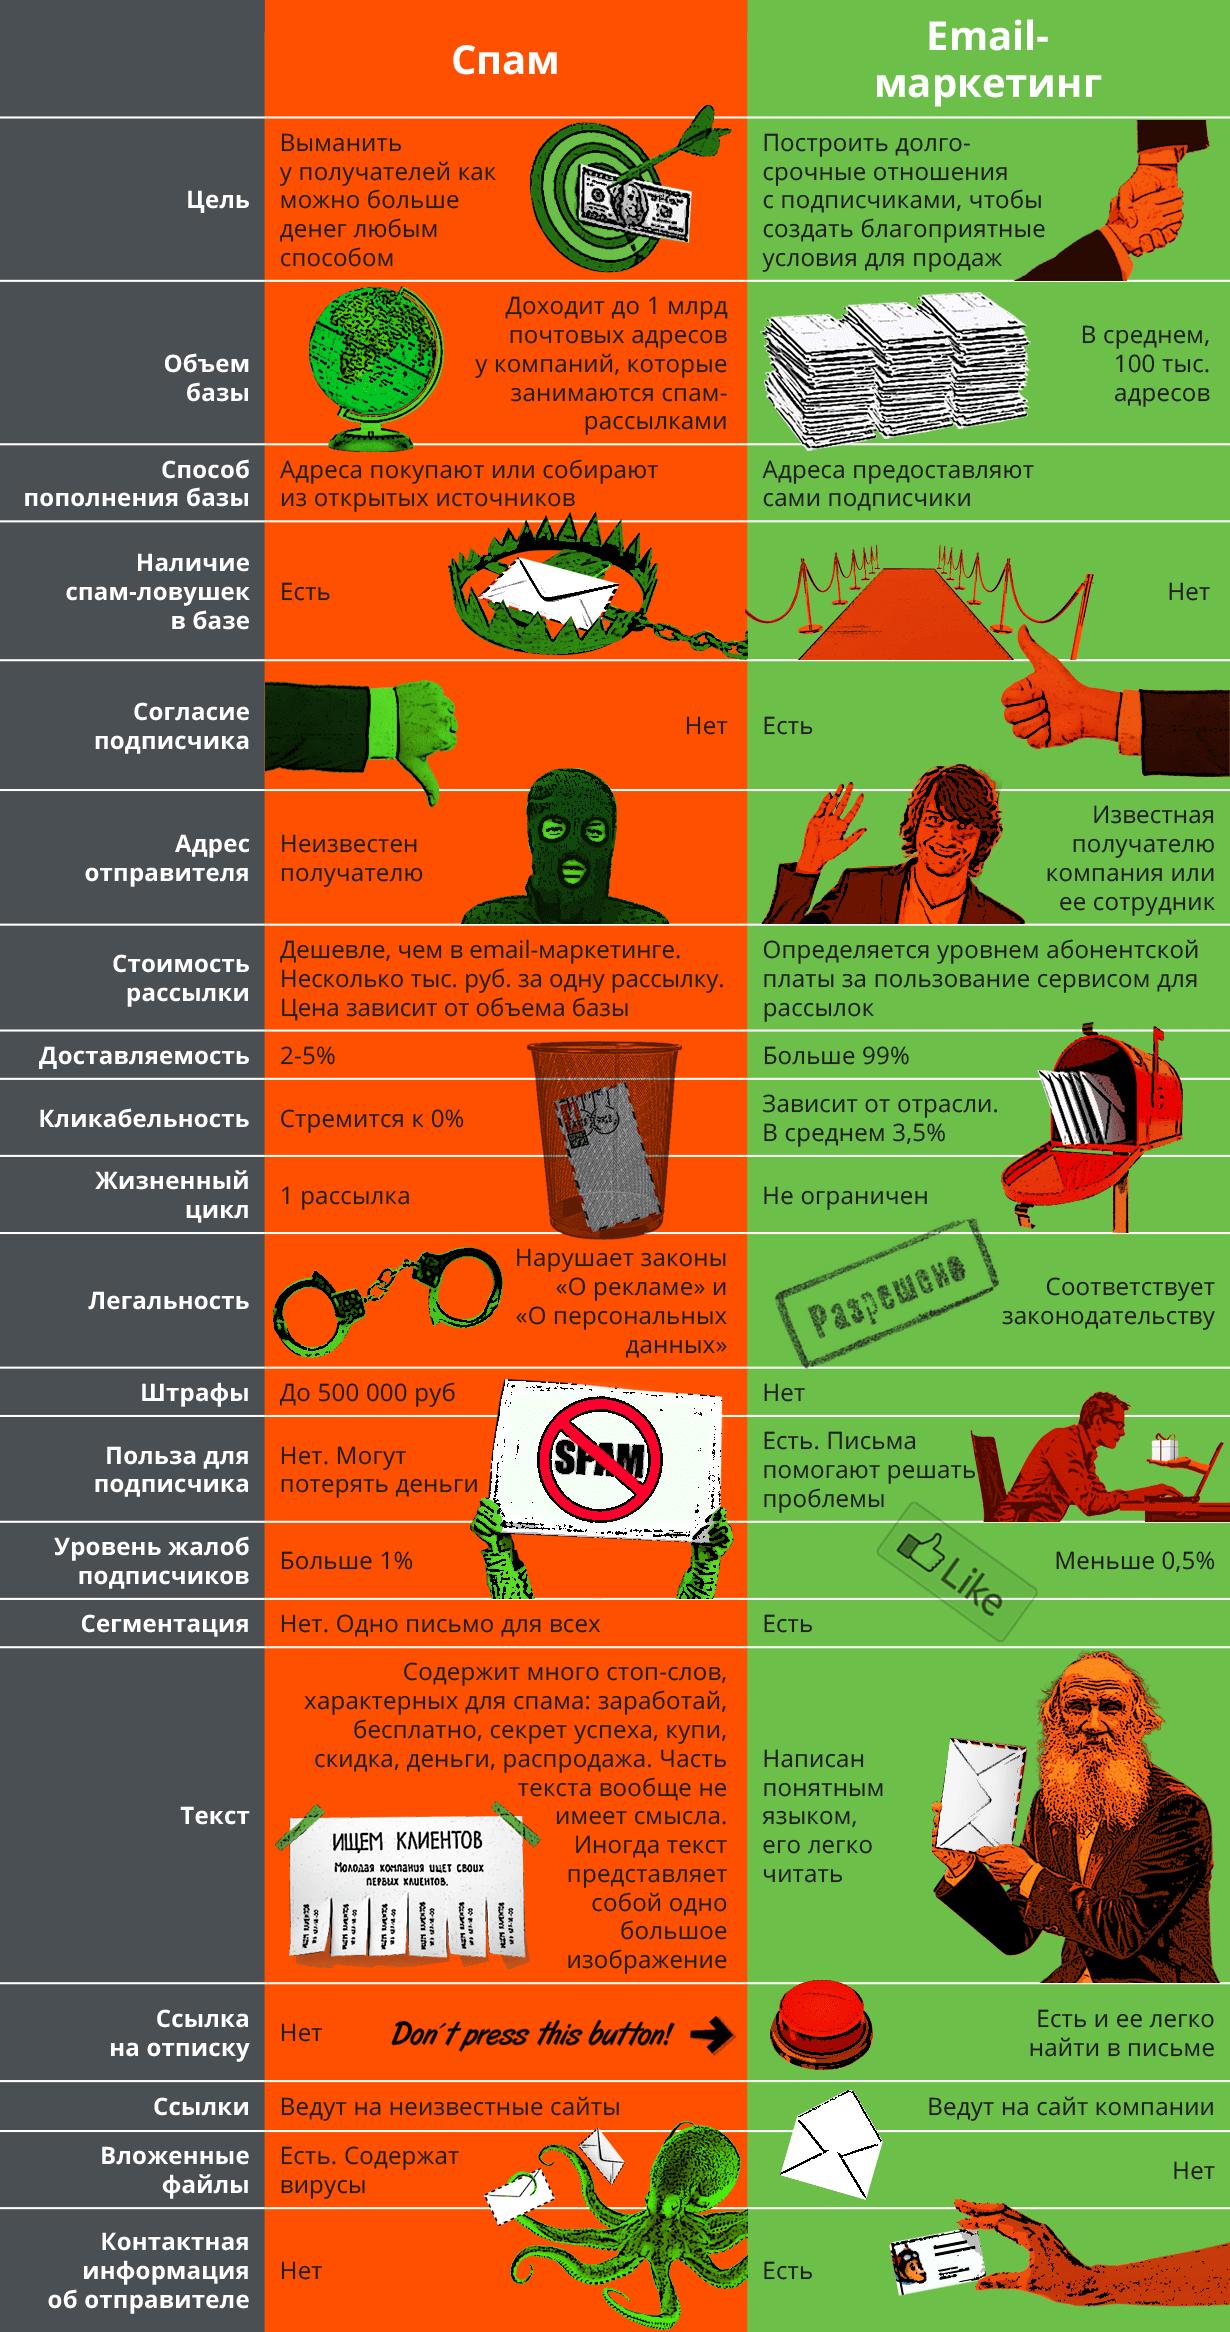 Инфографика. Email-маркетинг против спама